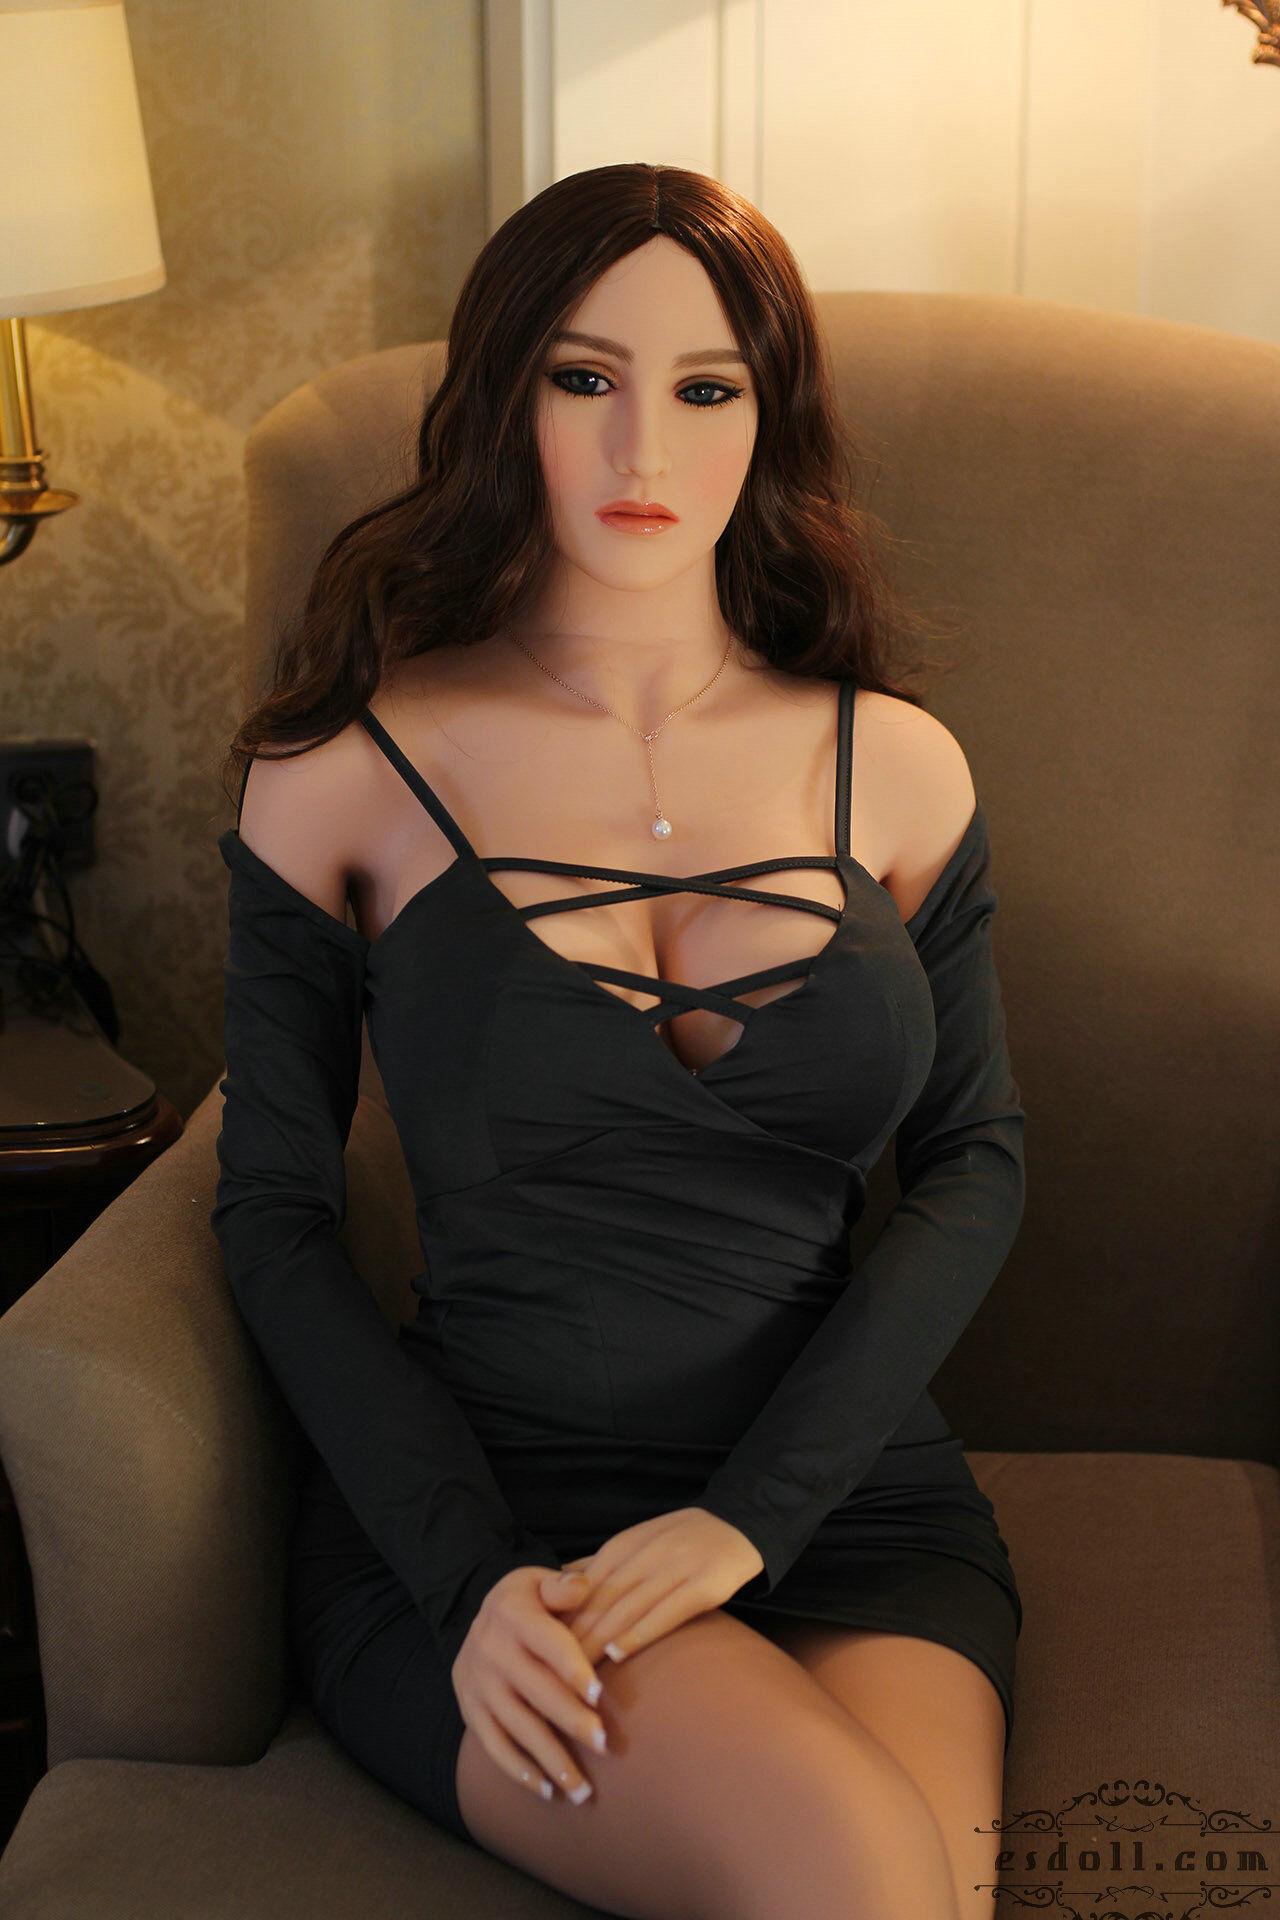 165cm 5.41ft Erin sex doll - 13